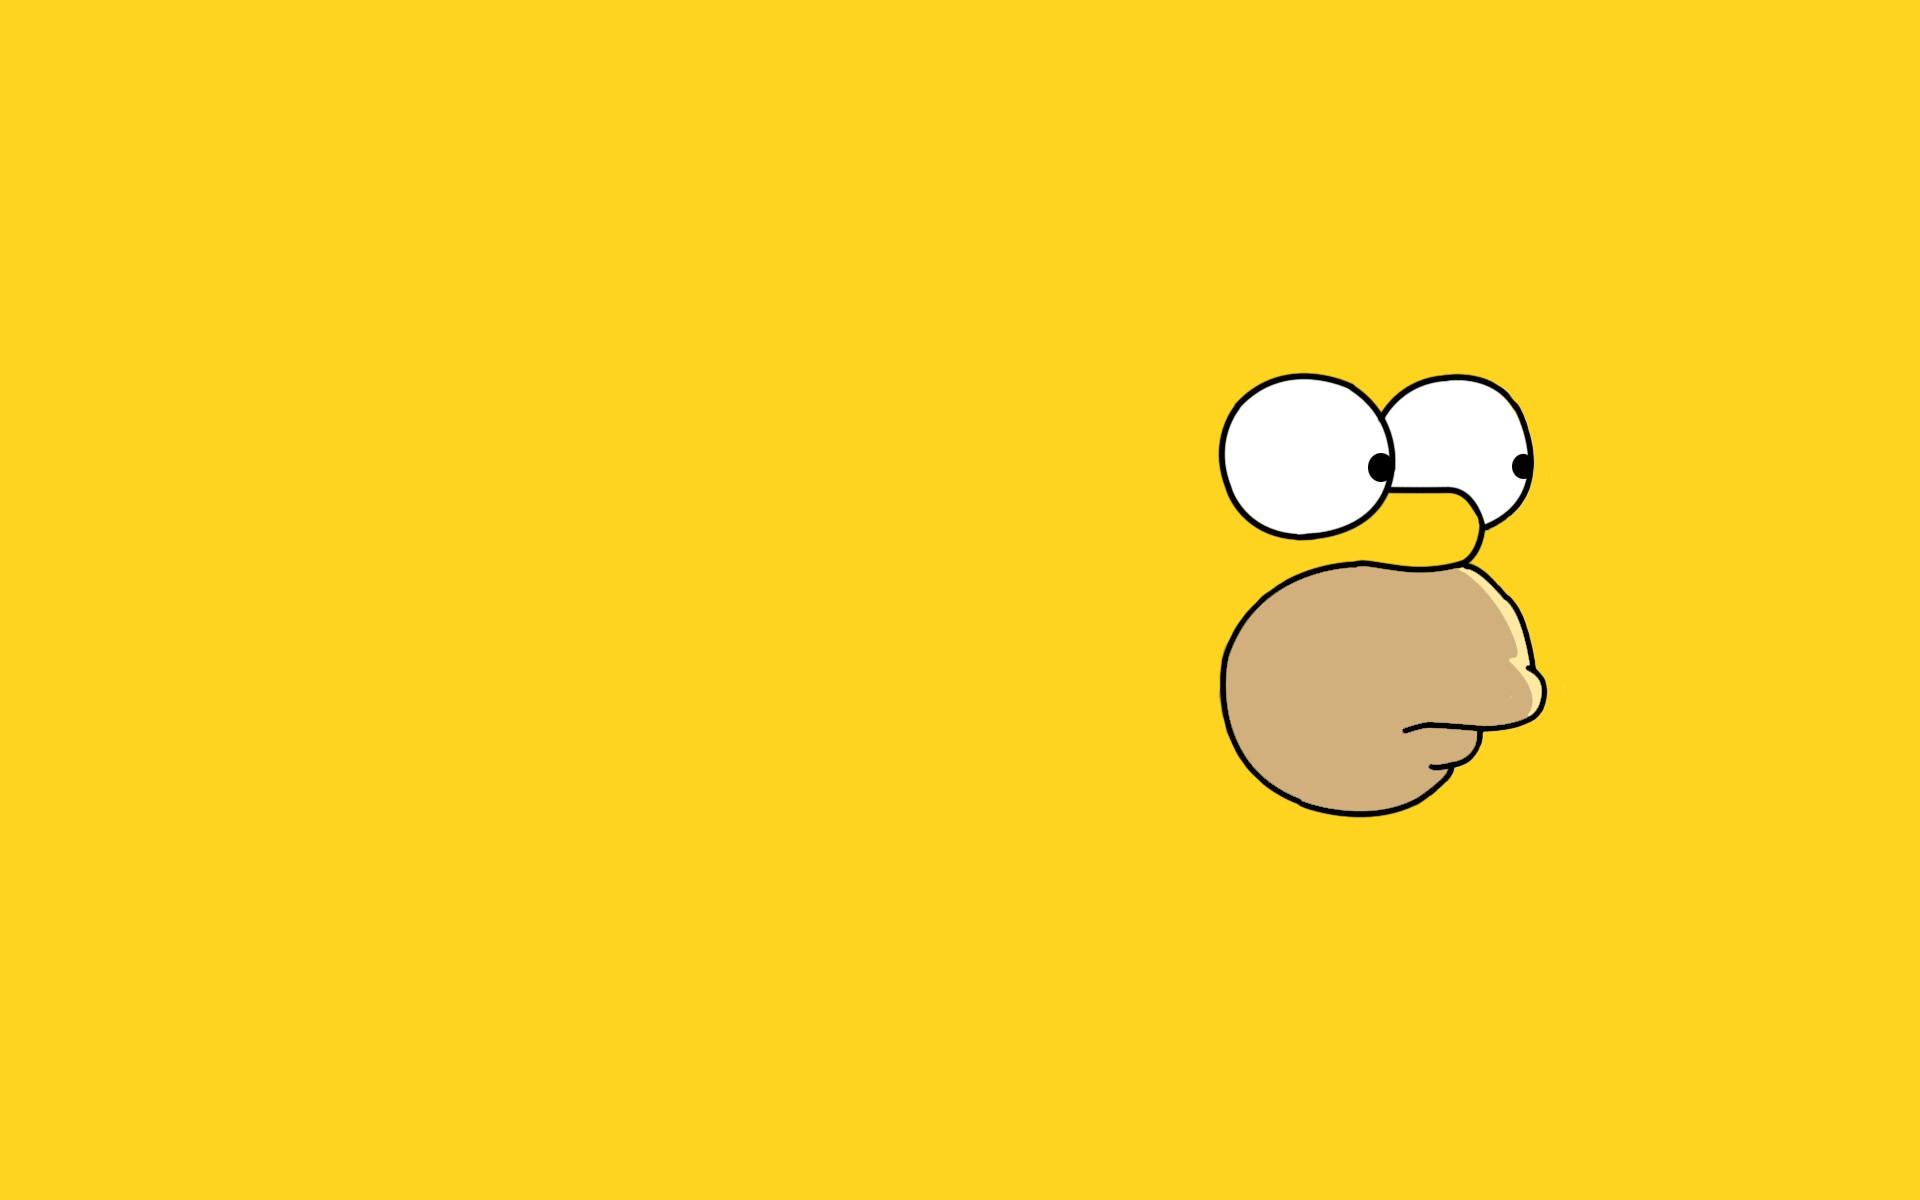 Download Cartoons Wallpaper Homer Simpson 2 Apps Directories 1920x1200